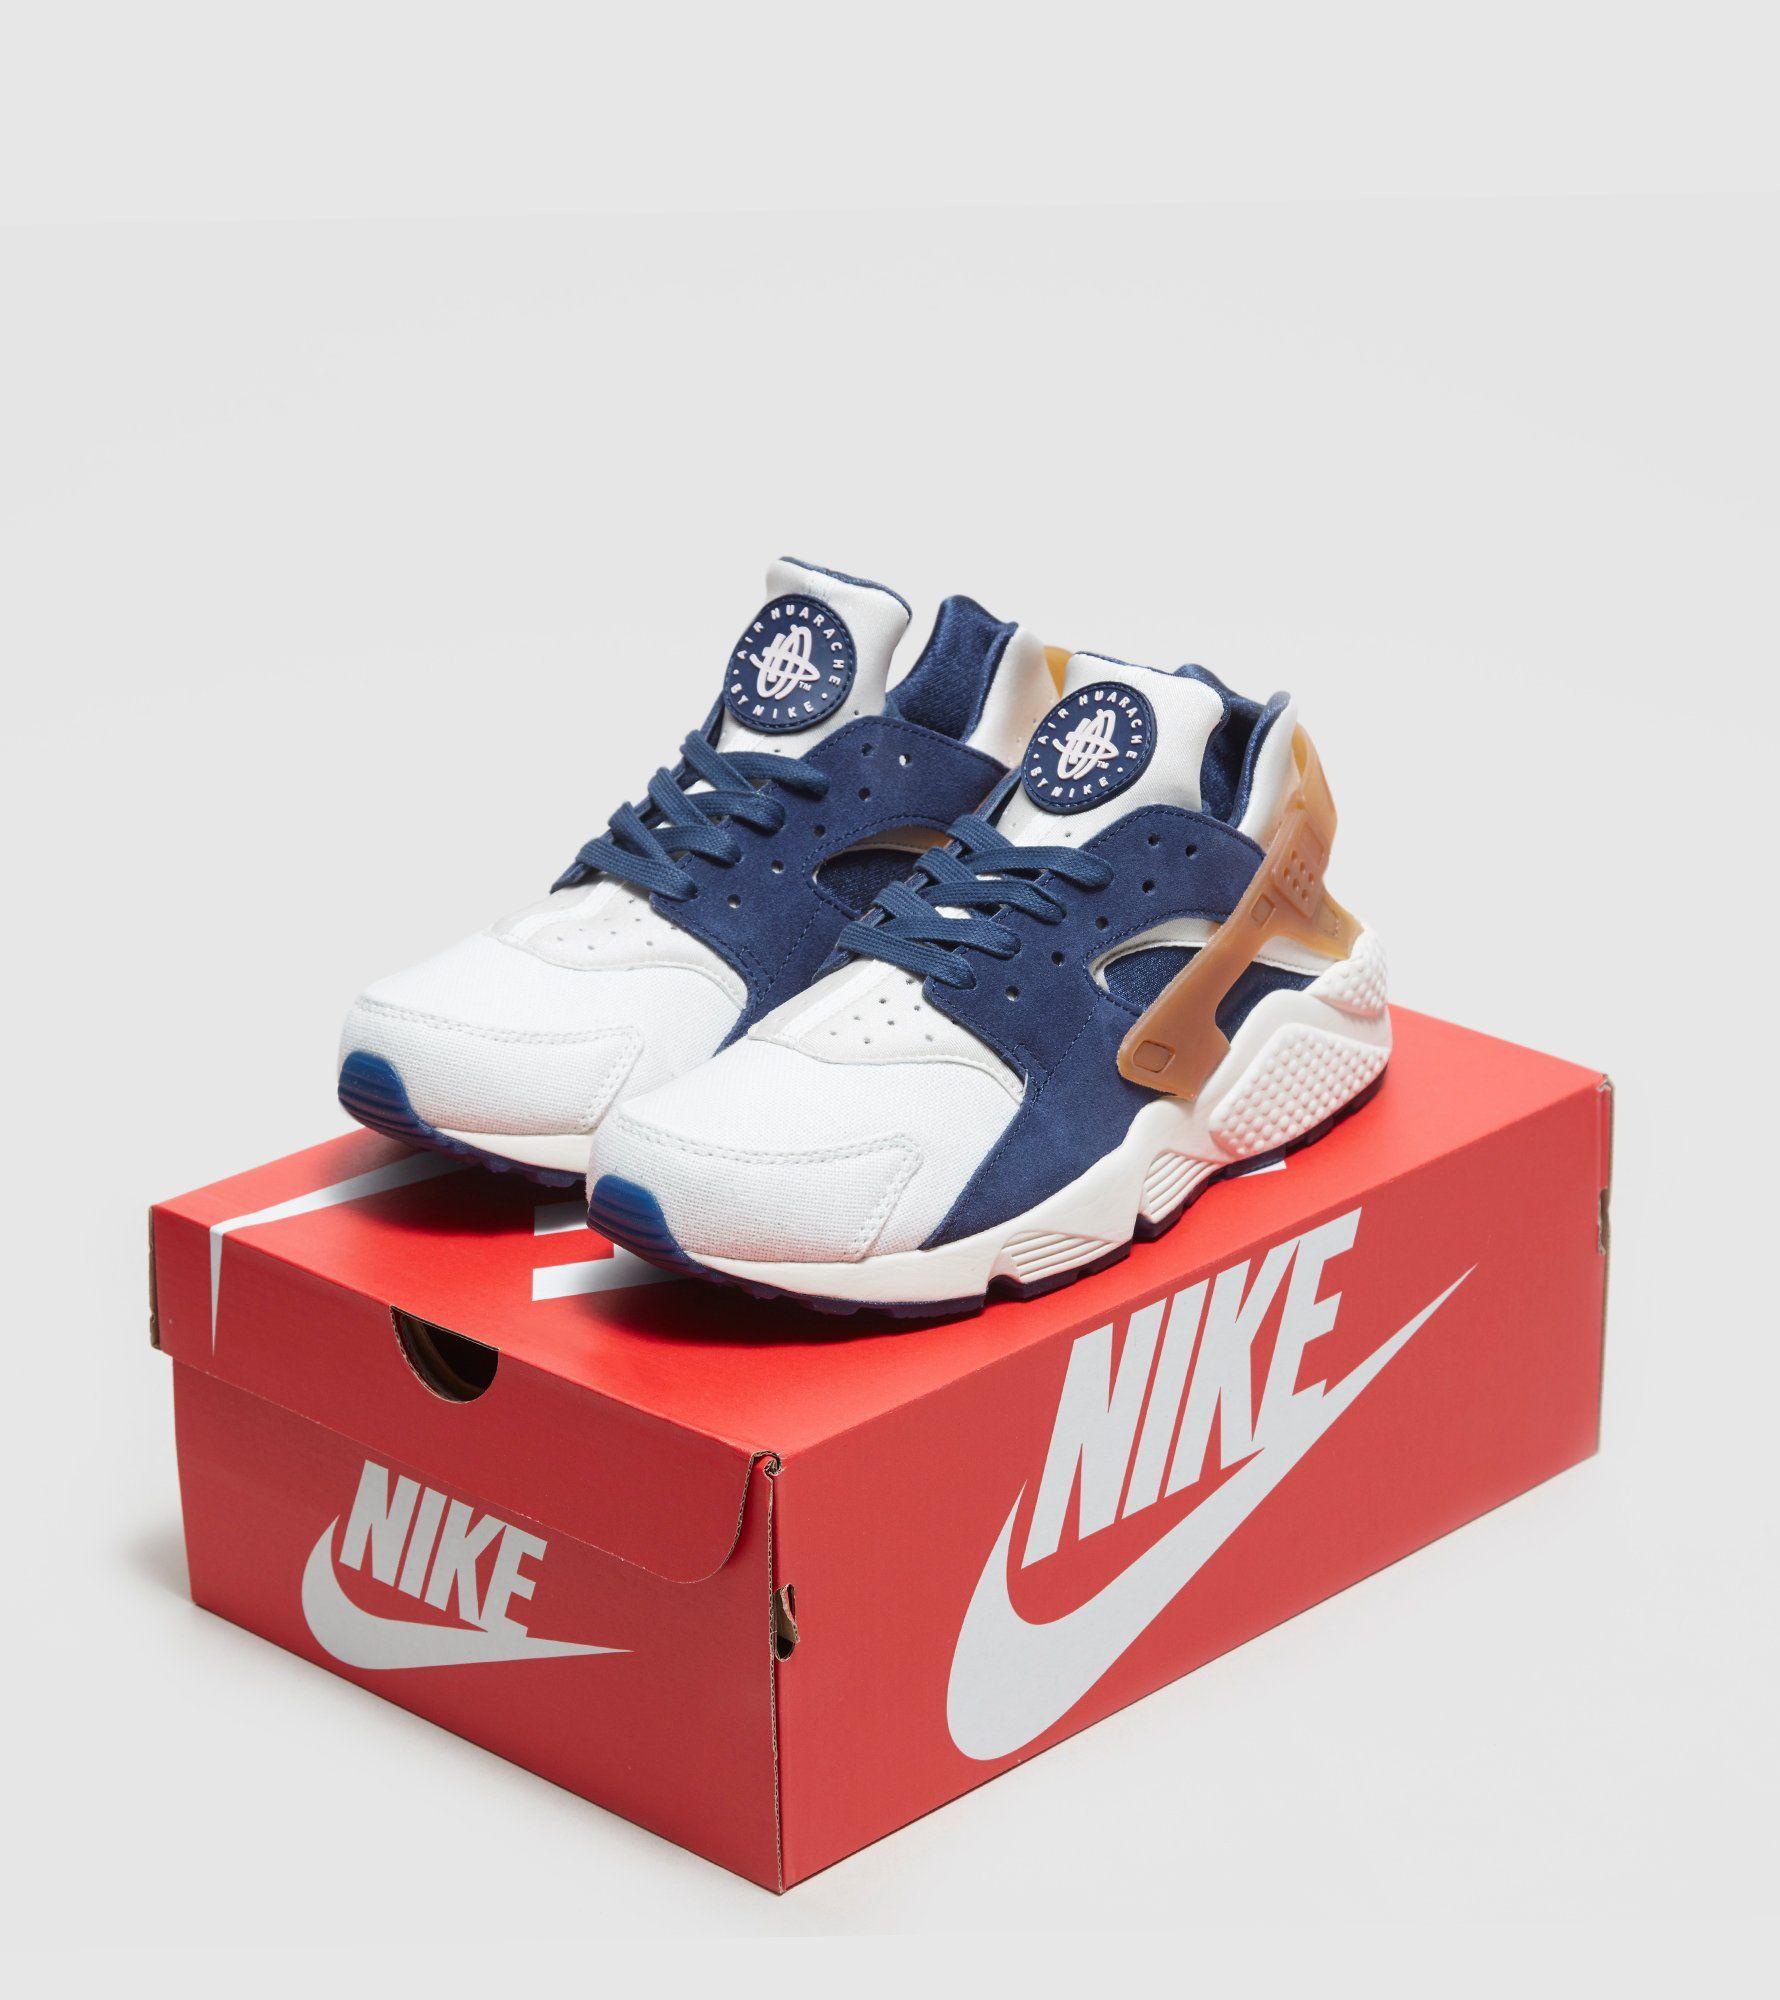 Nike Air Huarache 'Ale Brown' Pack